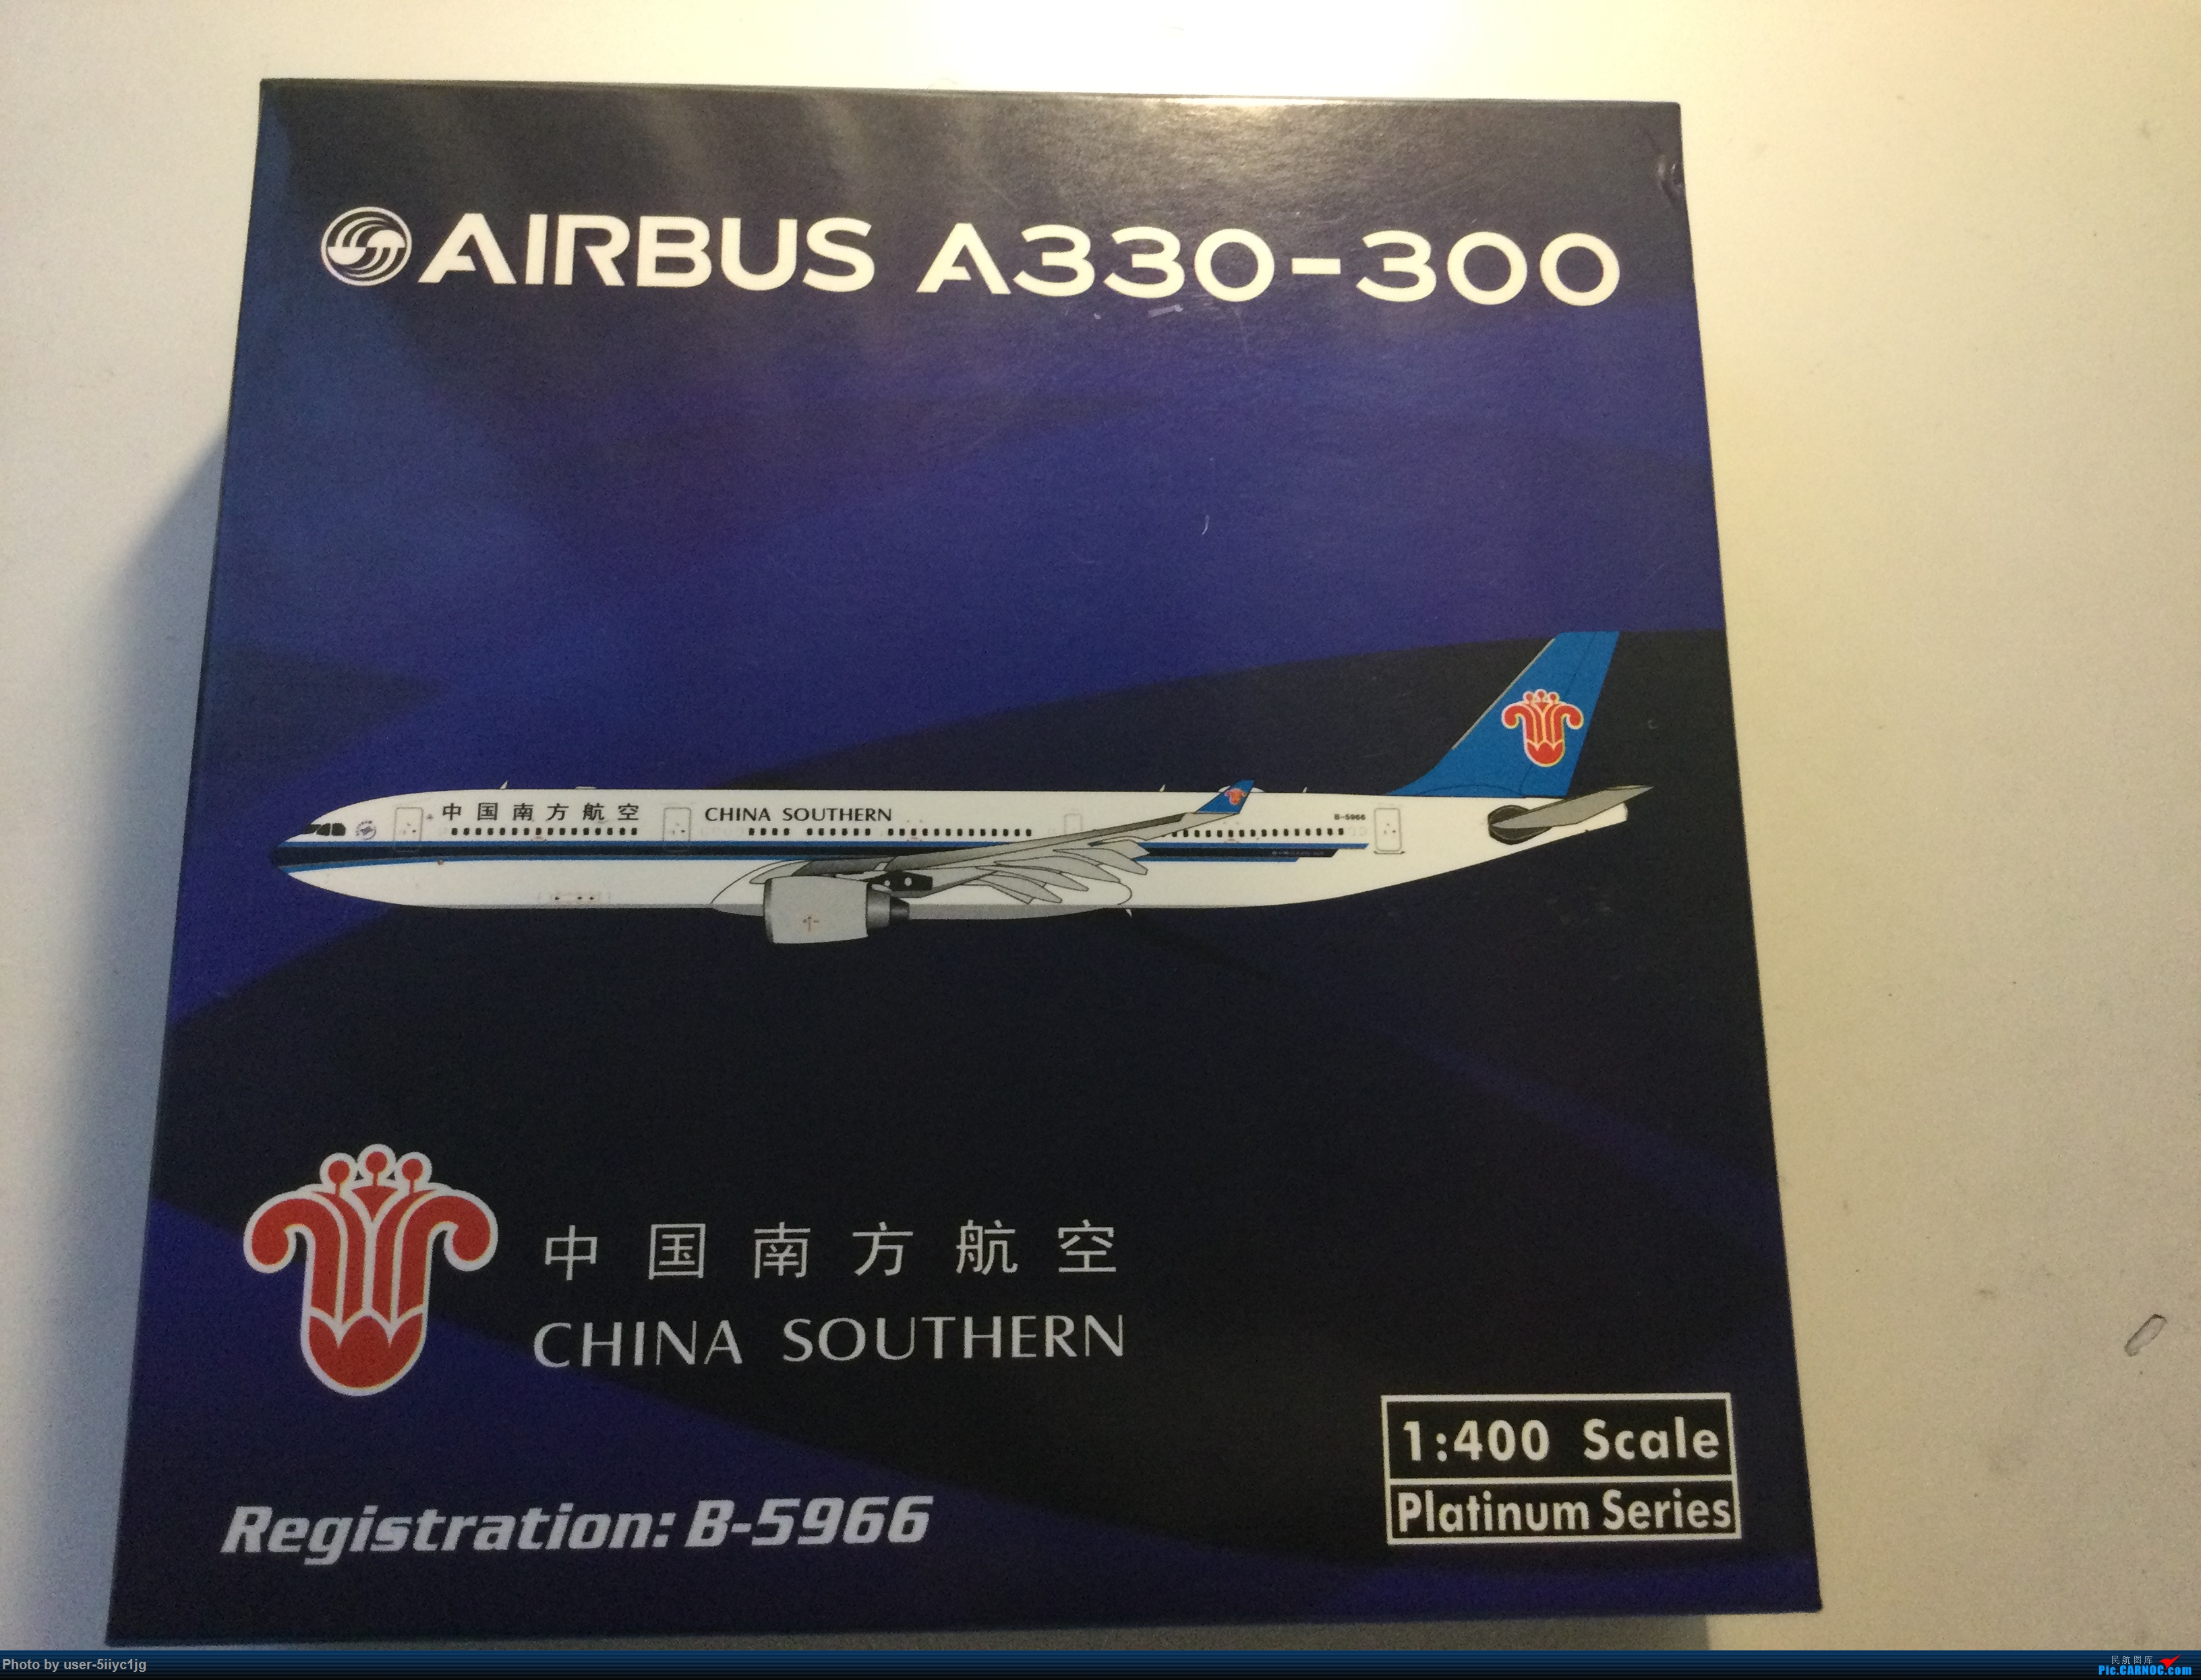 [原创]今日到货的飞机模型Phoenix AIRBUS A330-300 B-5966